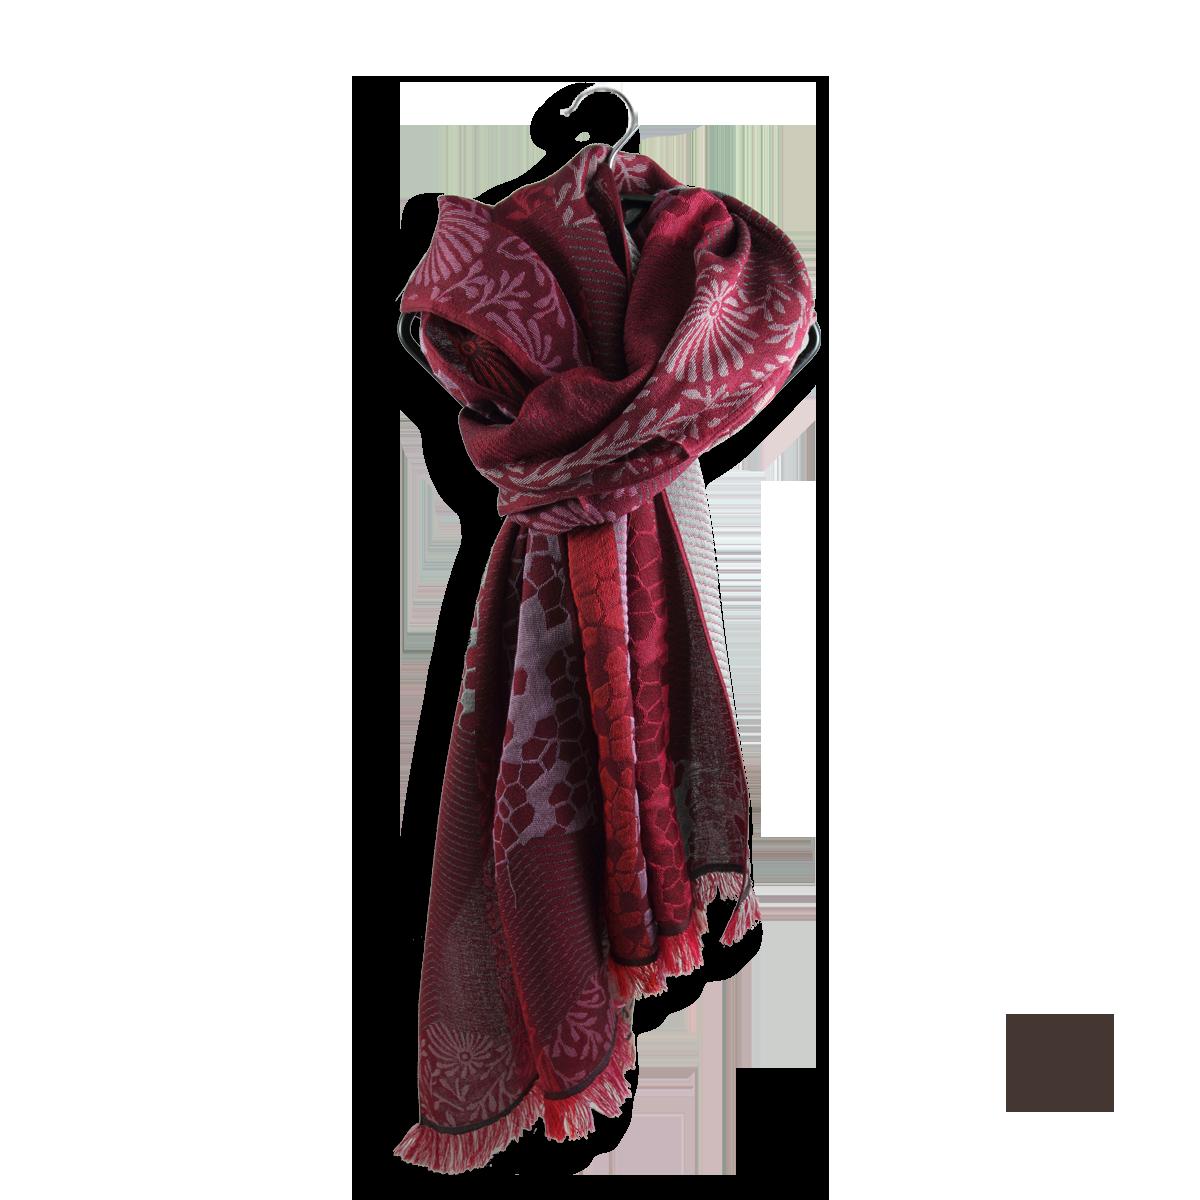 b94918f8750 Echarpe Femme Rouge en Laine Coton Soie - Très confortable.